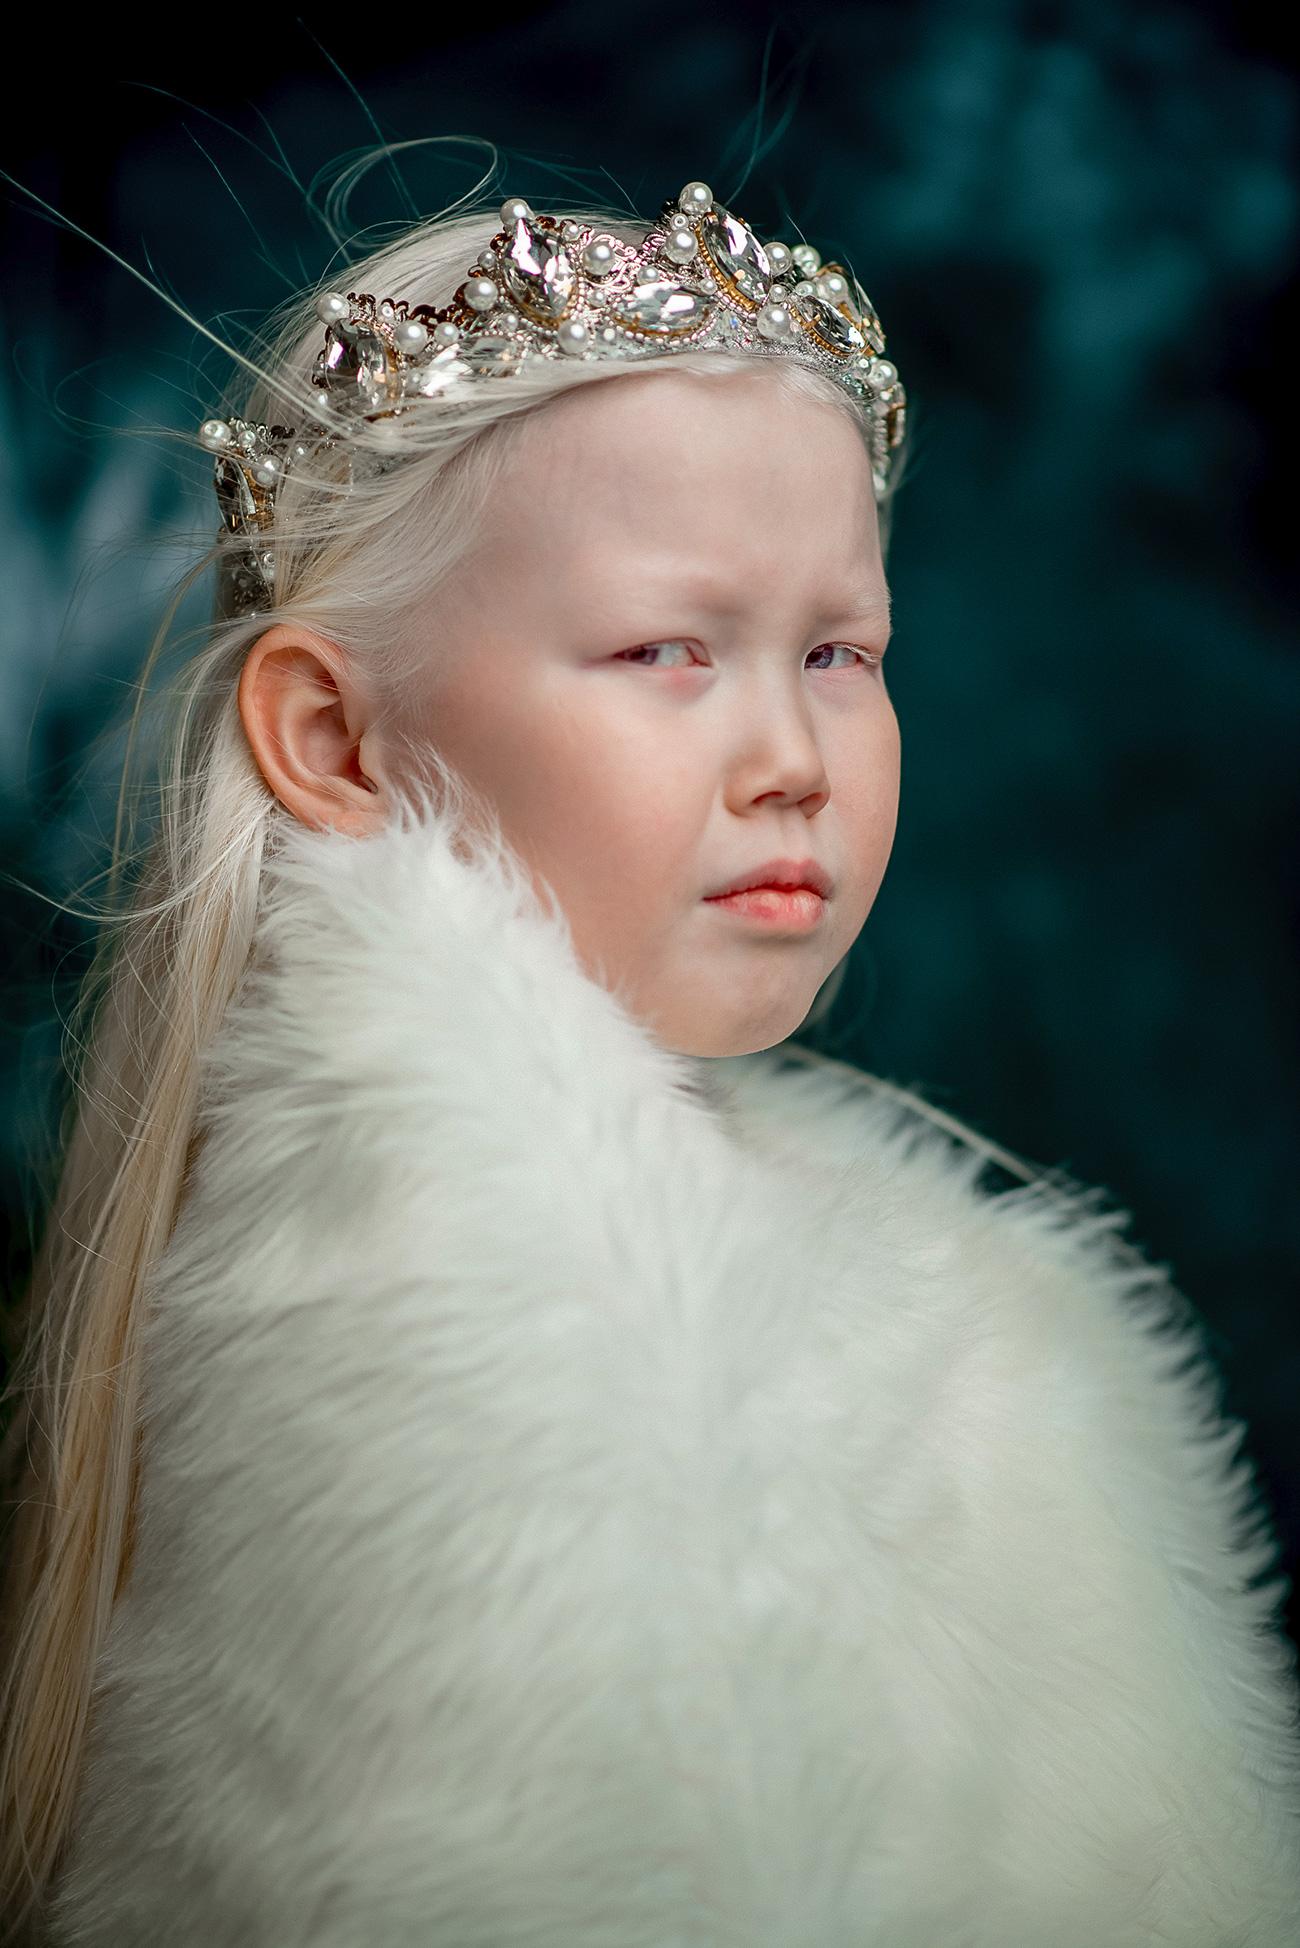 Nariyana è una giovane ragazza albina. La sua carnagione madreperla, gli occhi chiari e i capelli color neve la rendono una bellezza unica e rara per una regione, la Yakutia, dove le donne sono prevalentemente more e con la pelle più scura